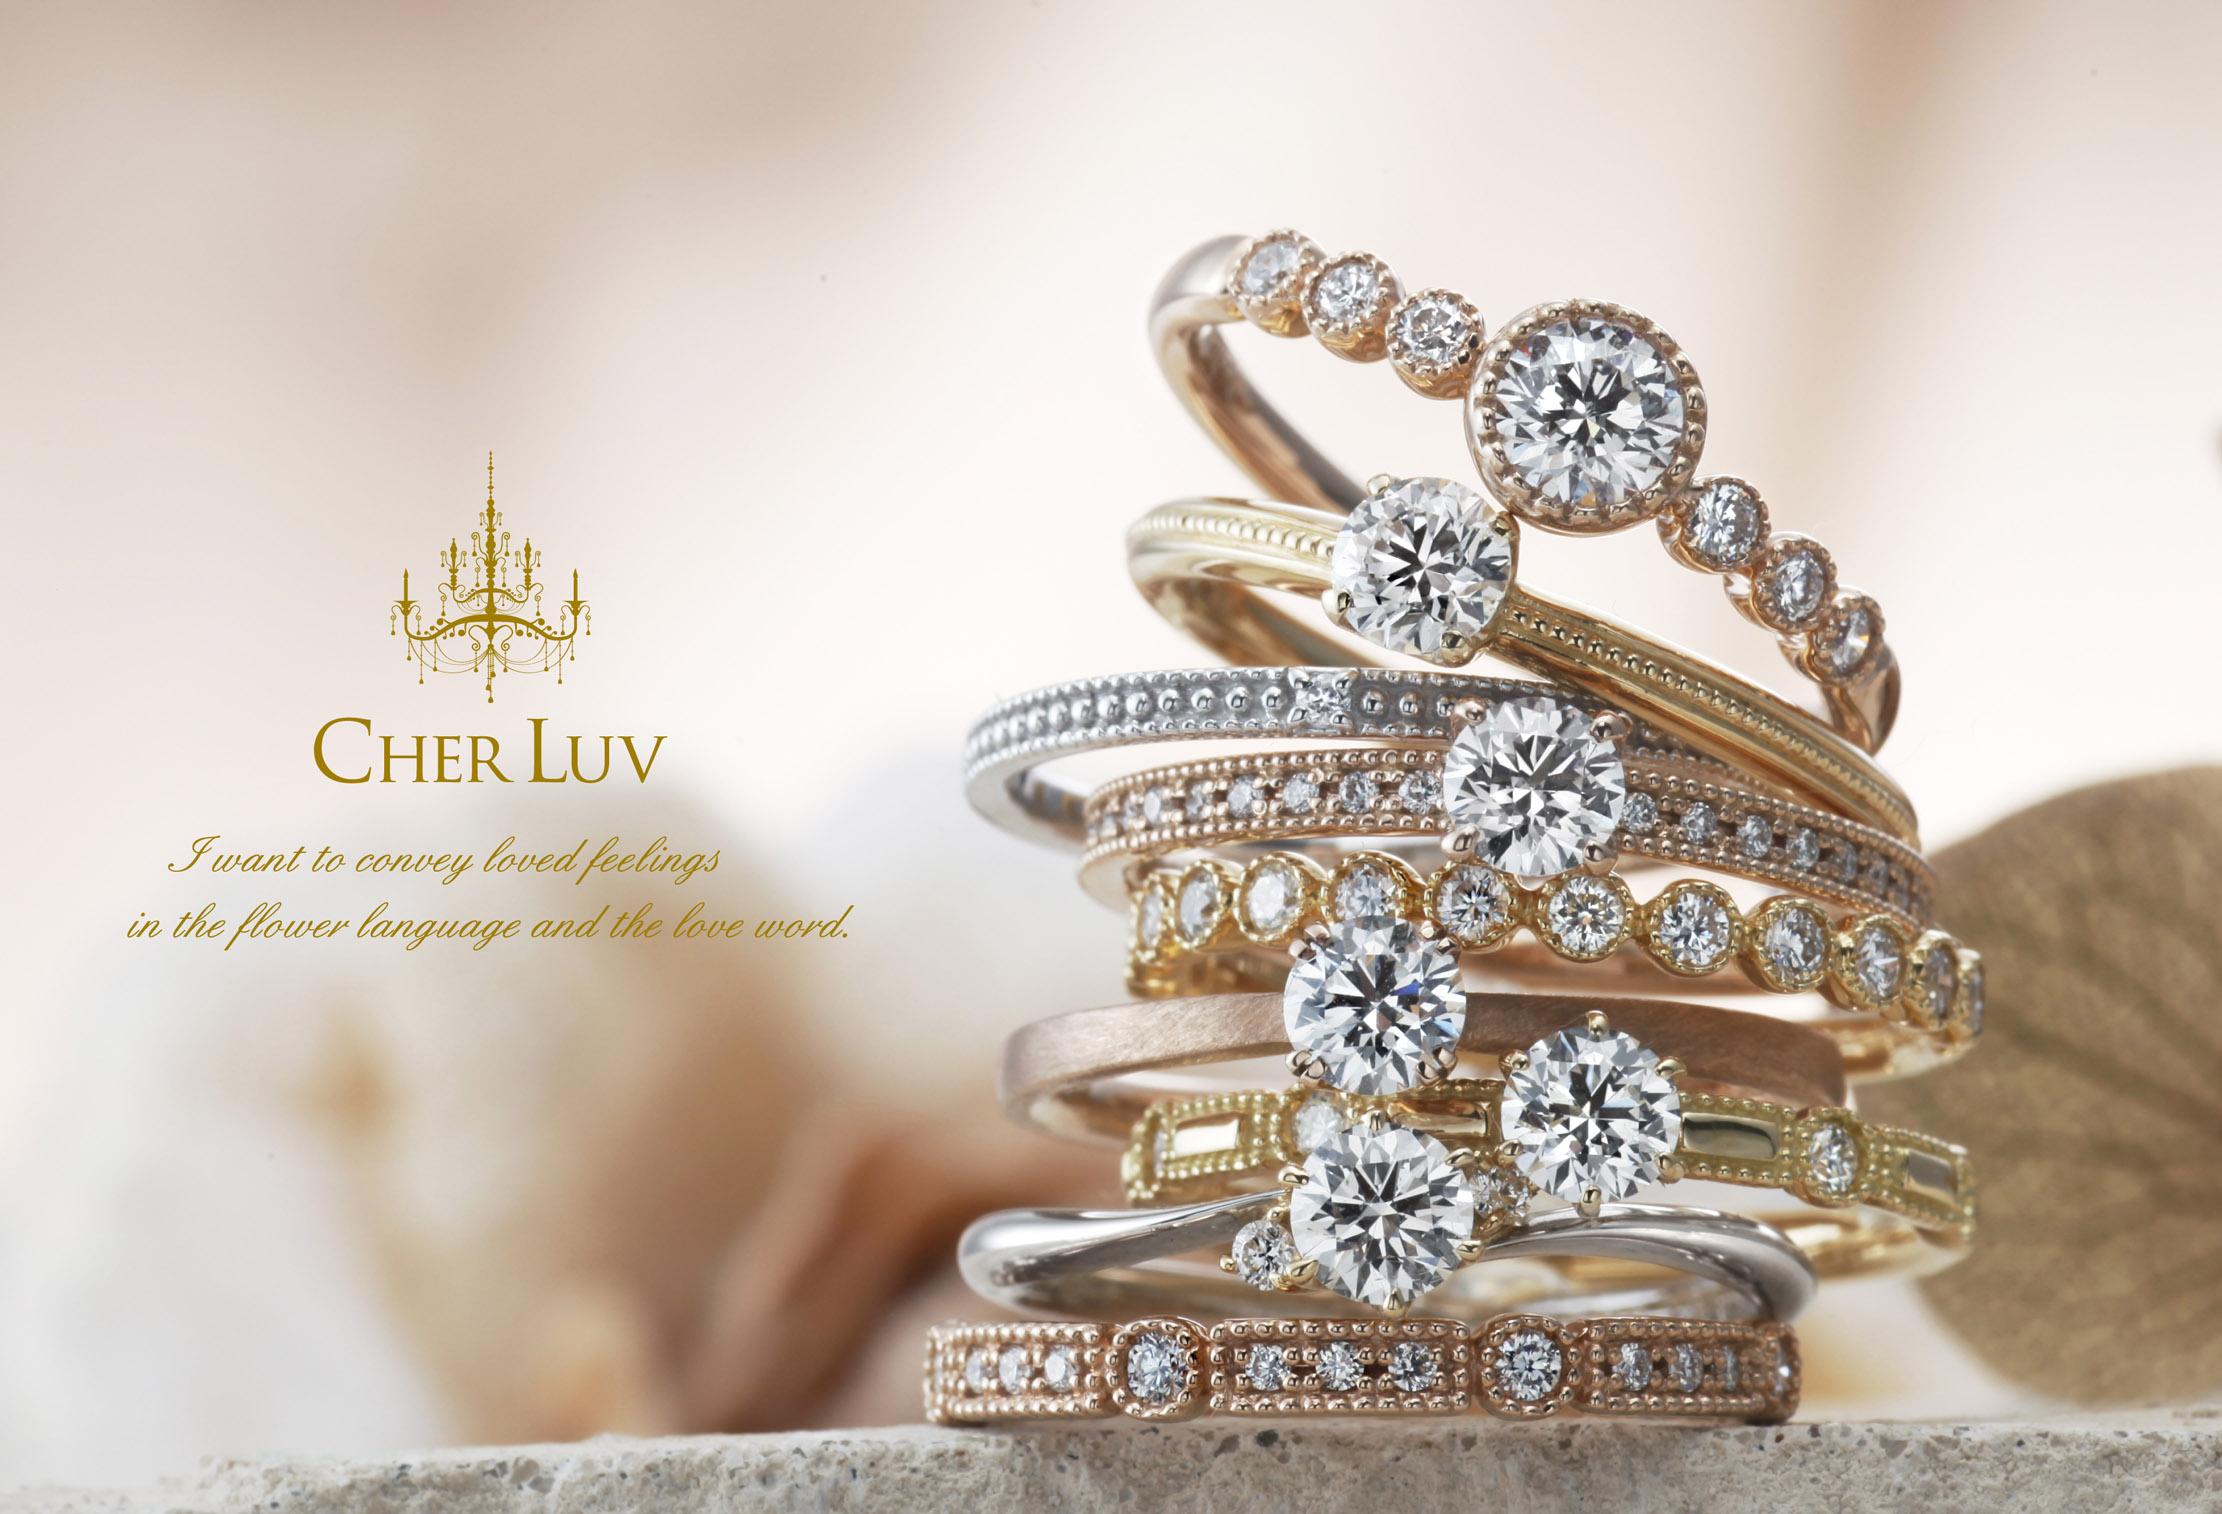 【静岡市】花言葉と愛言葉。プロポーズの気持ちを伝える『CHER LUV シェールラブ』の婚約指輪